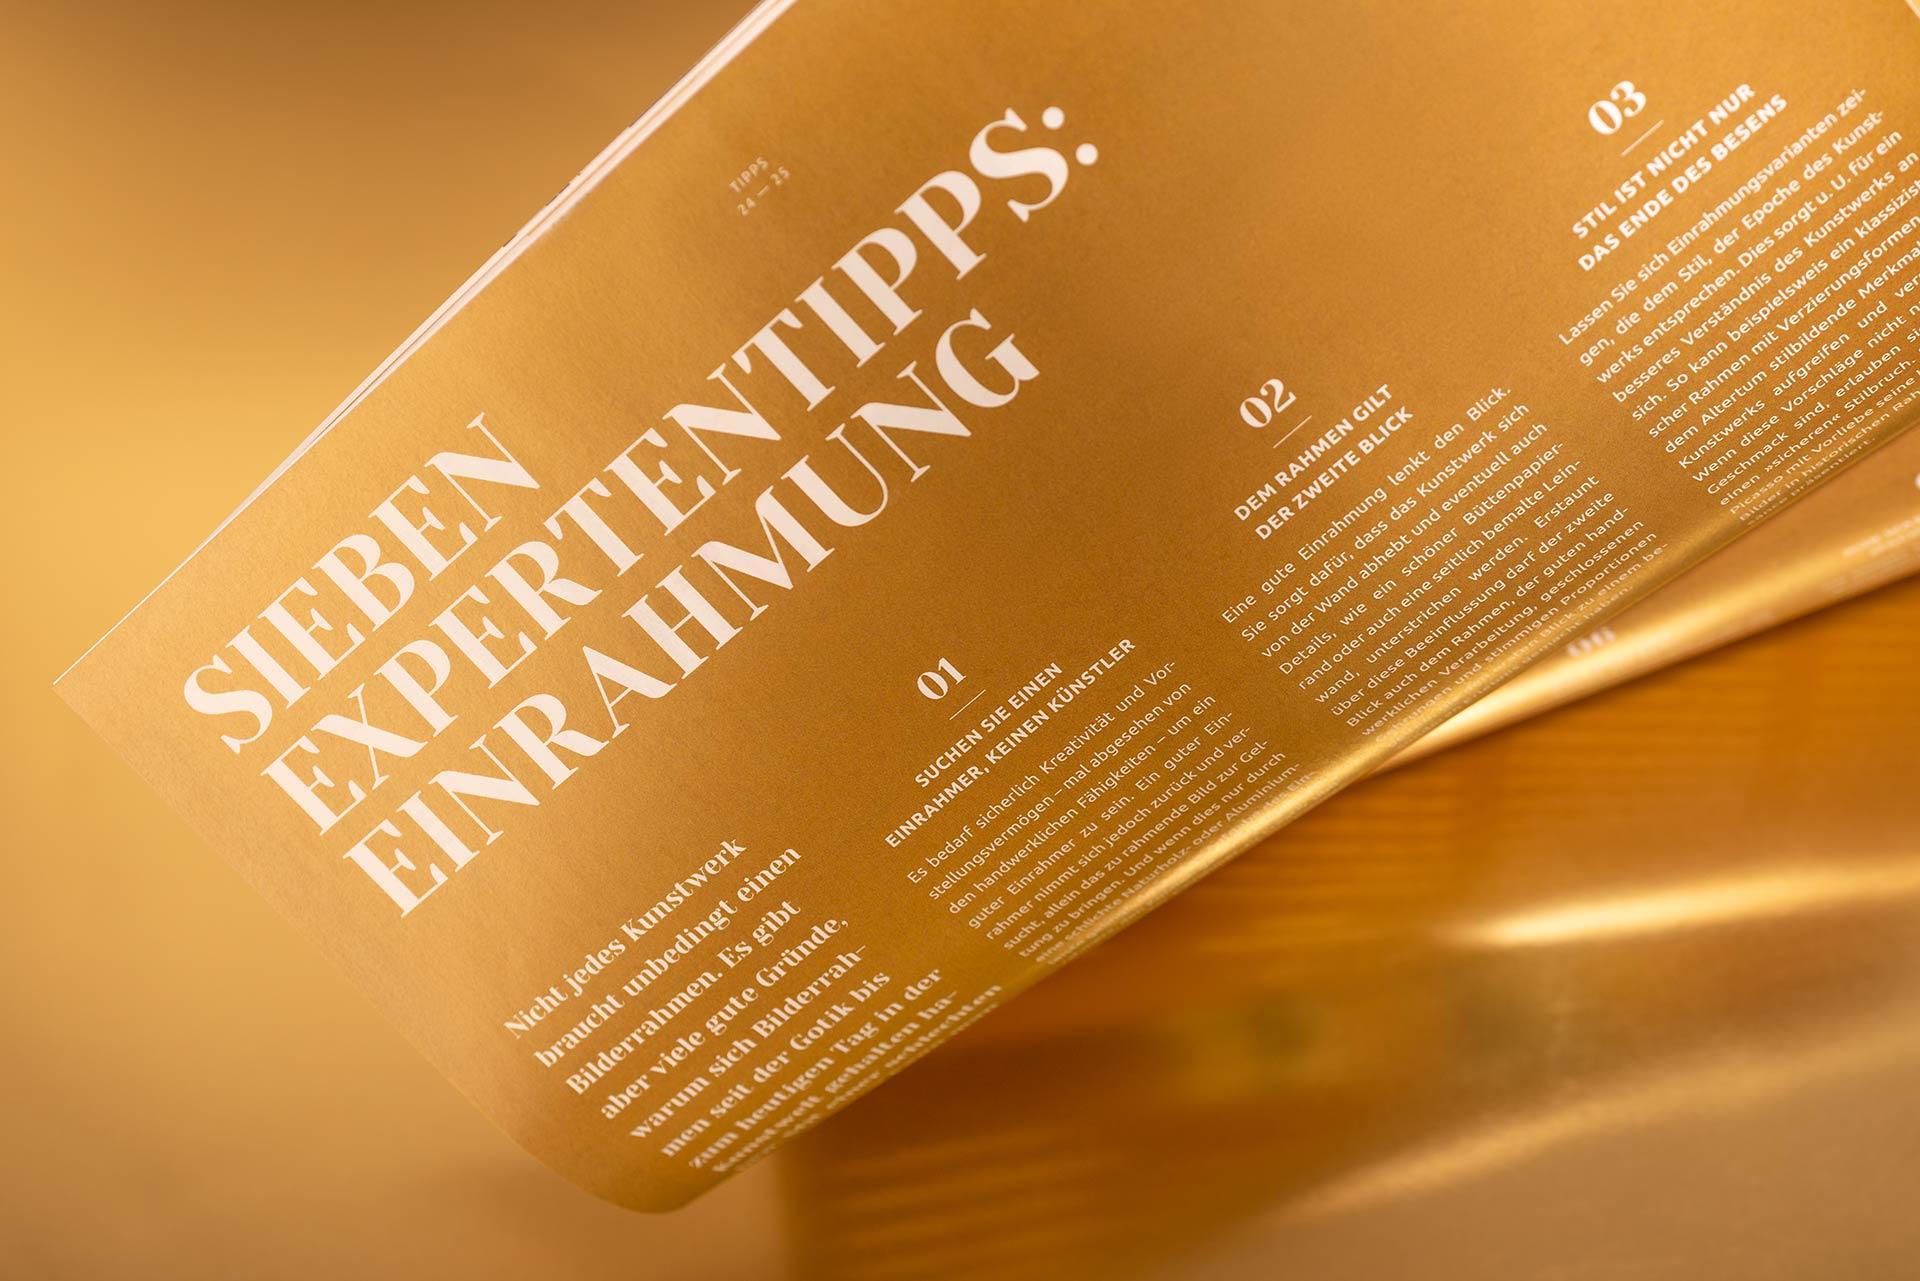 schiebezimmer x brandthinking / A Magazine